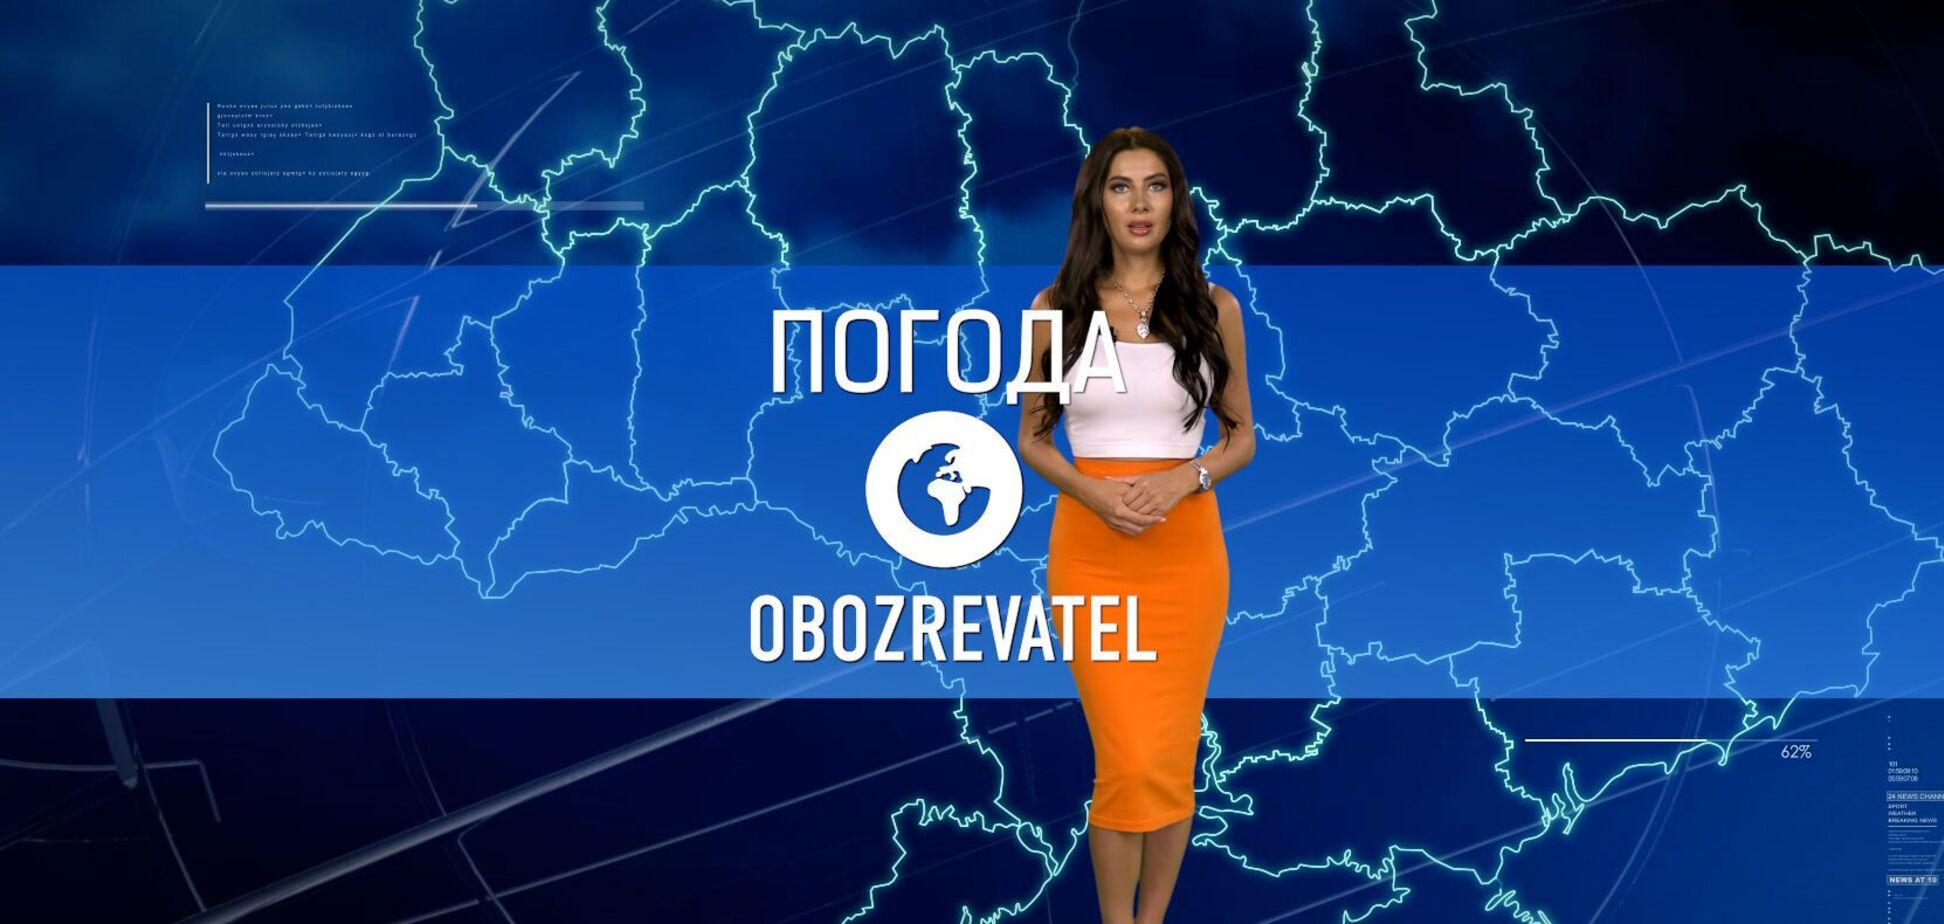 Прогноз погоди в Україні на середу, 11 серпня, з Алісою Мярковською